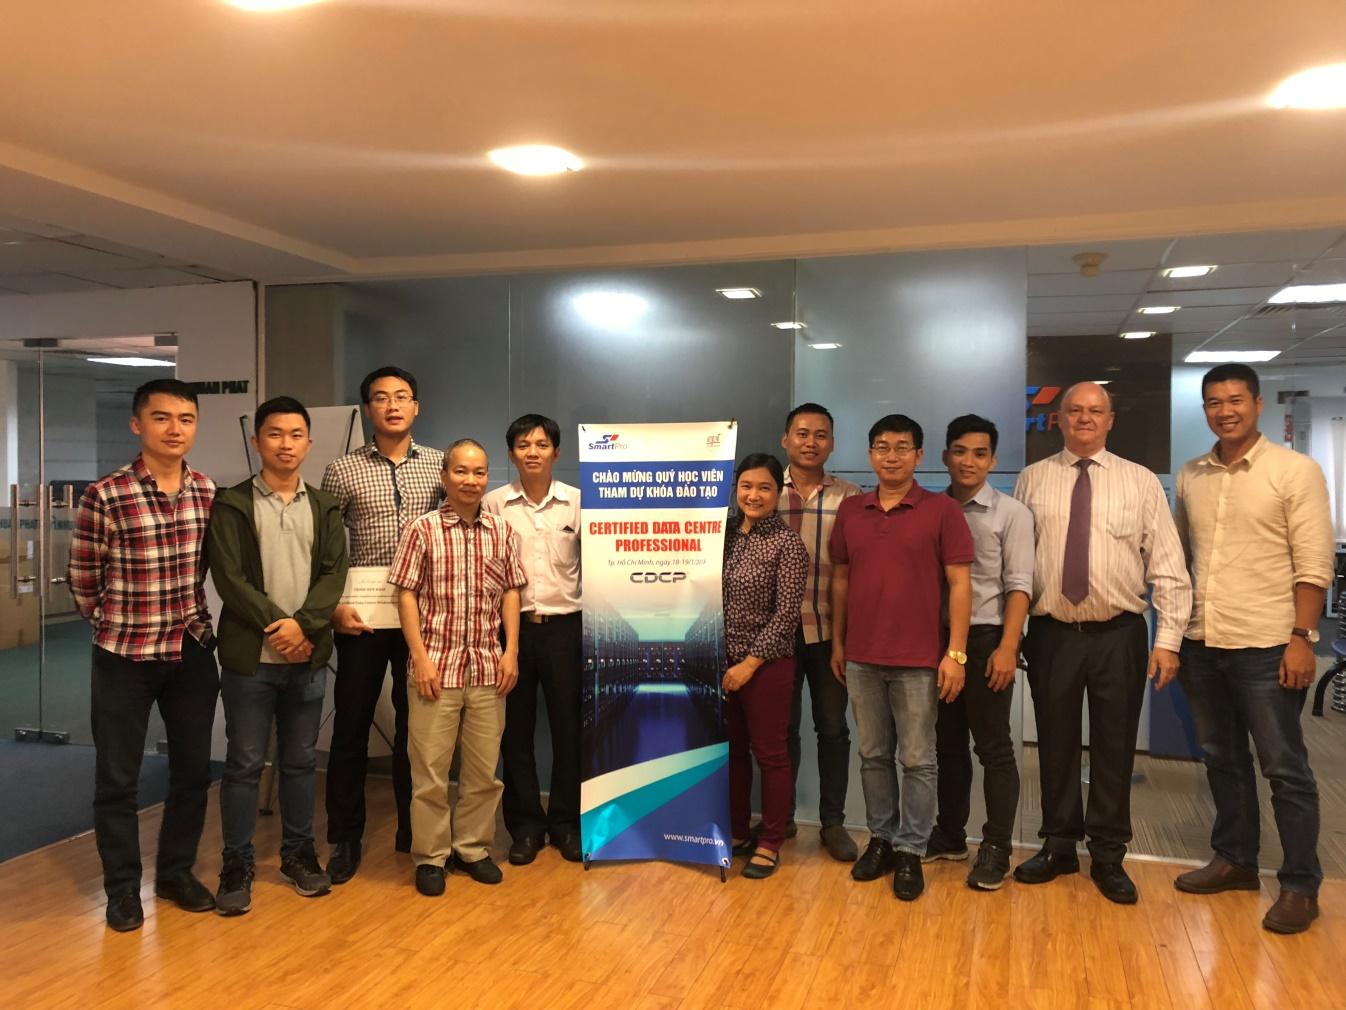 Nhân viên kỹ thuật của Tổng công ty Quản lý bay Việt Nam đạt chứng chỉ quốc tế CDCP